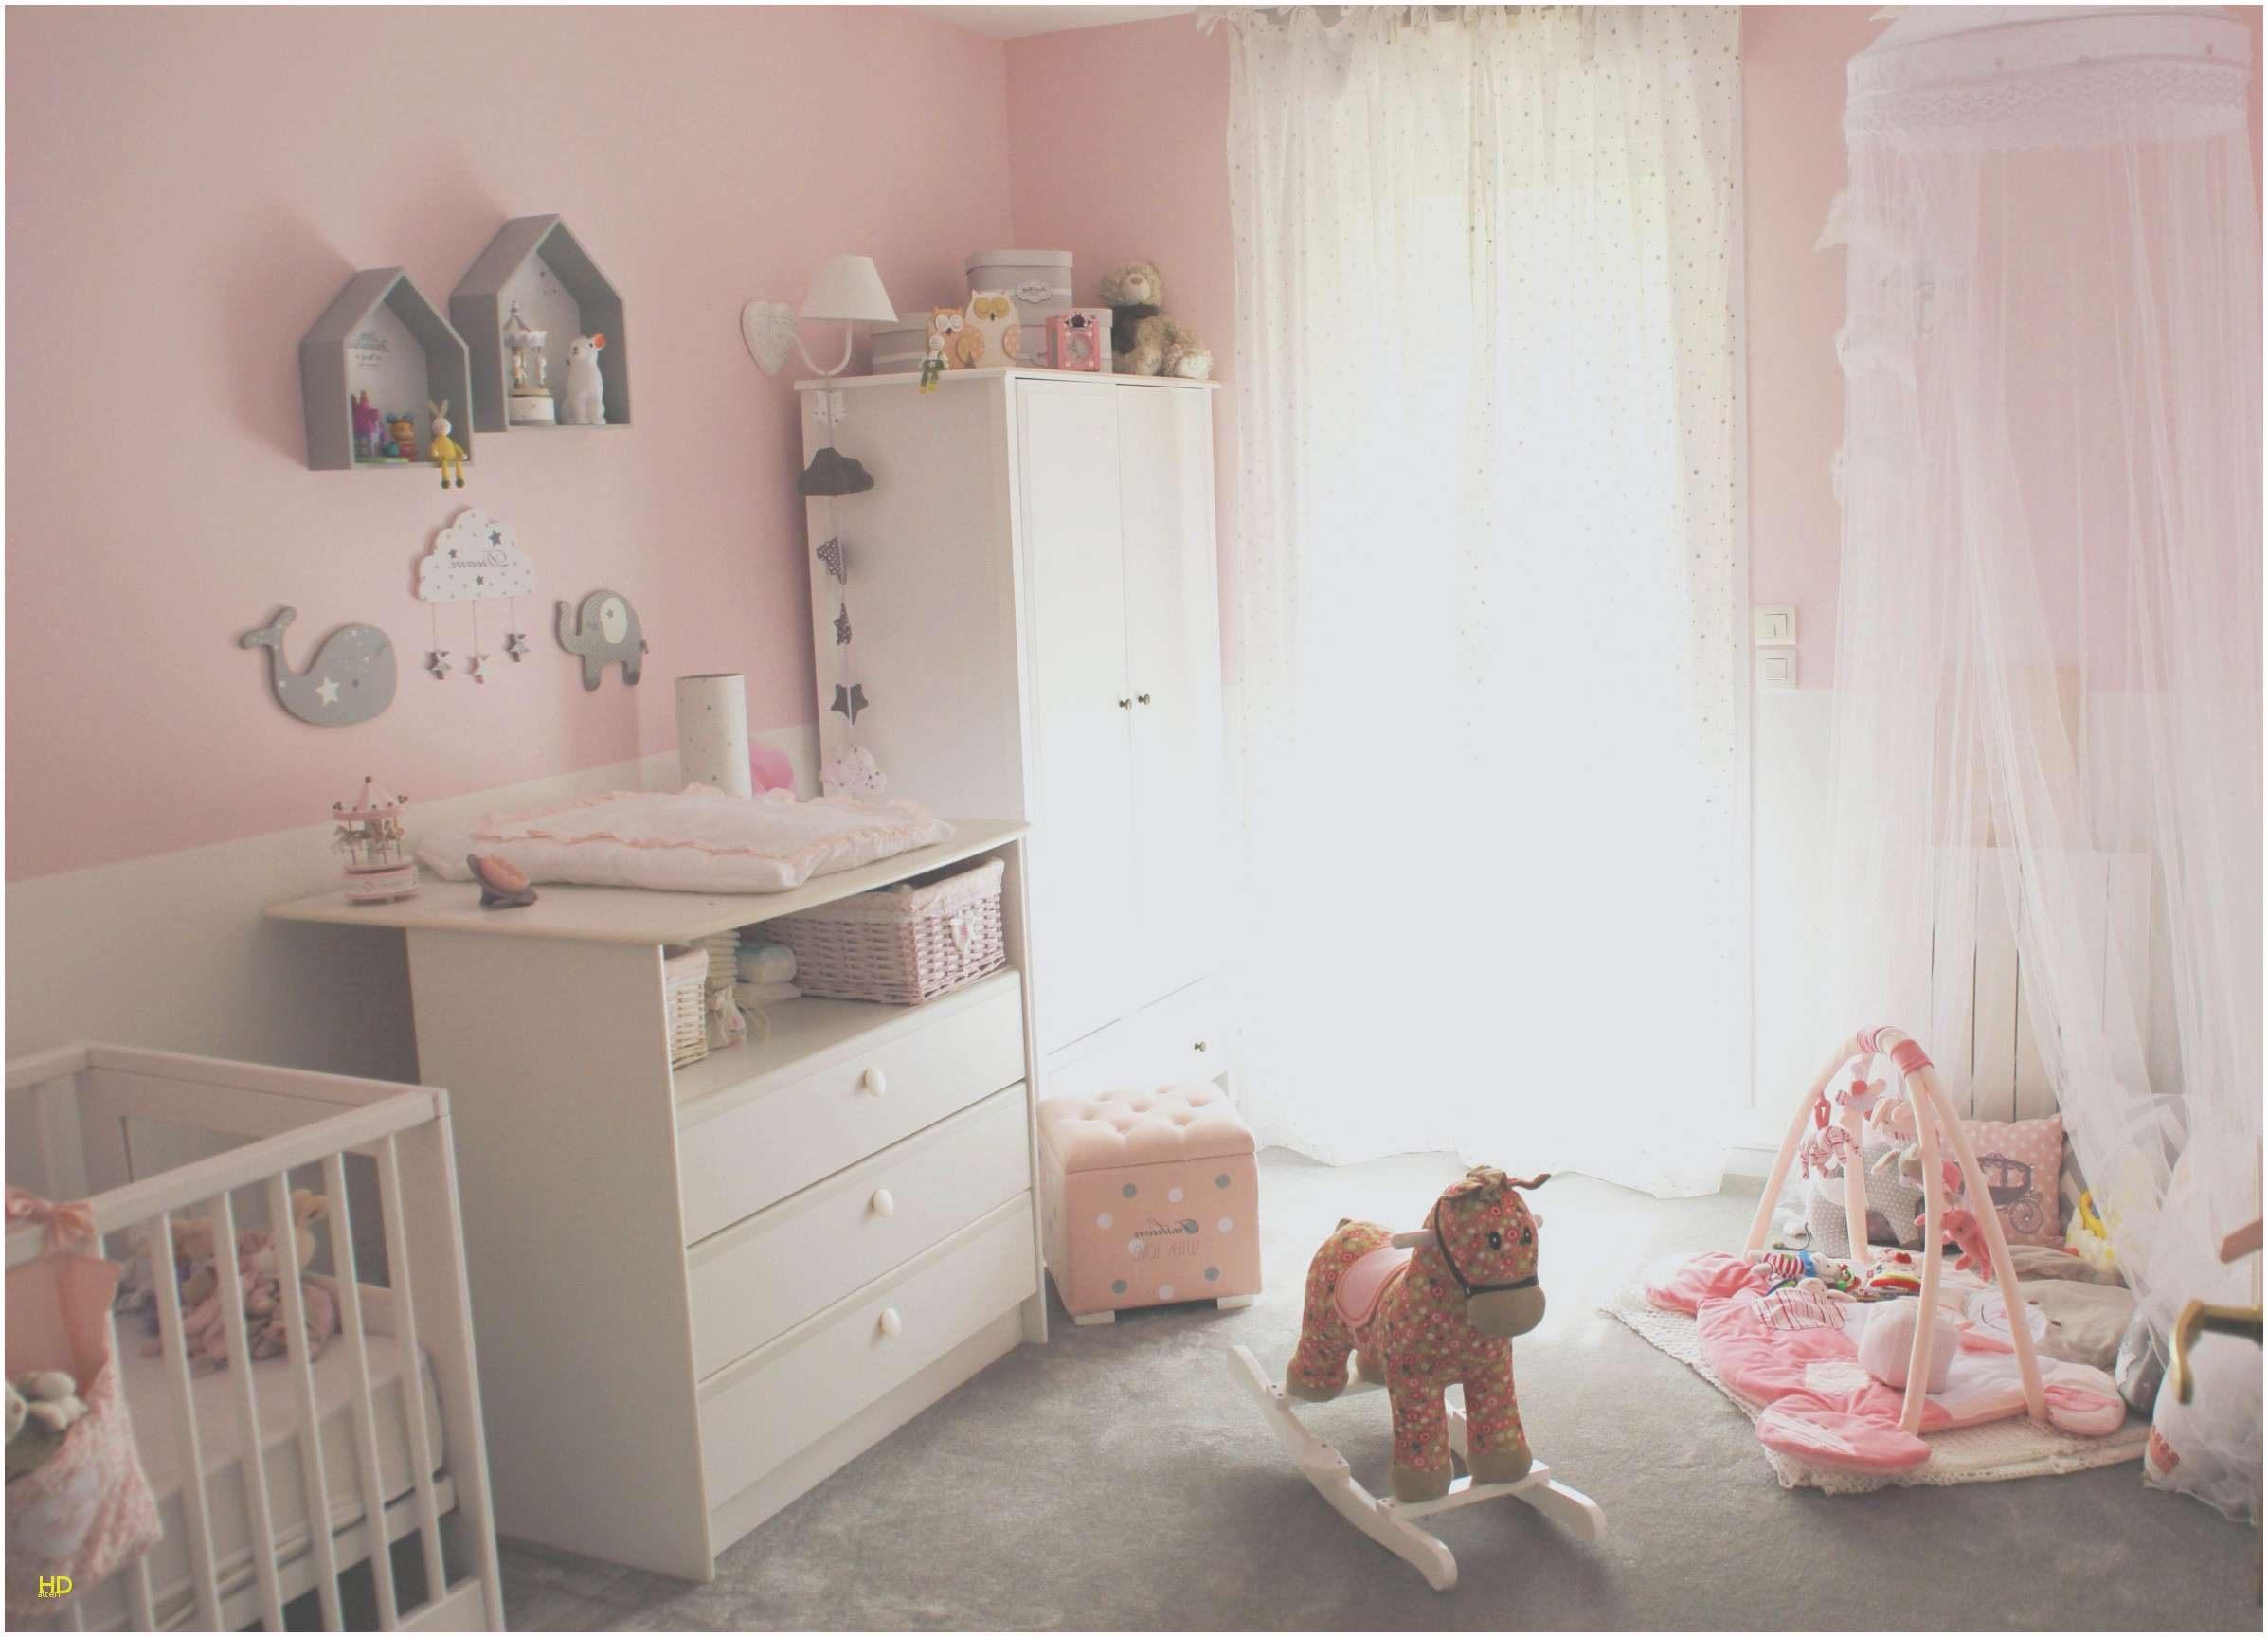 61 Nouveau Ciel De Lit Enfant Les Images